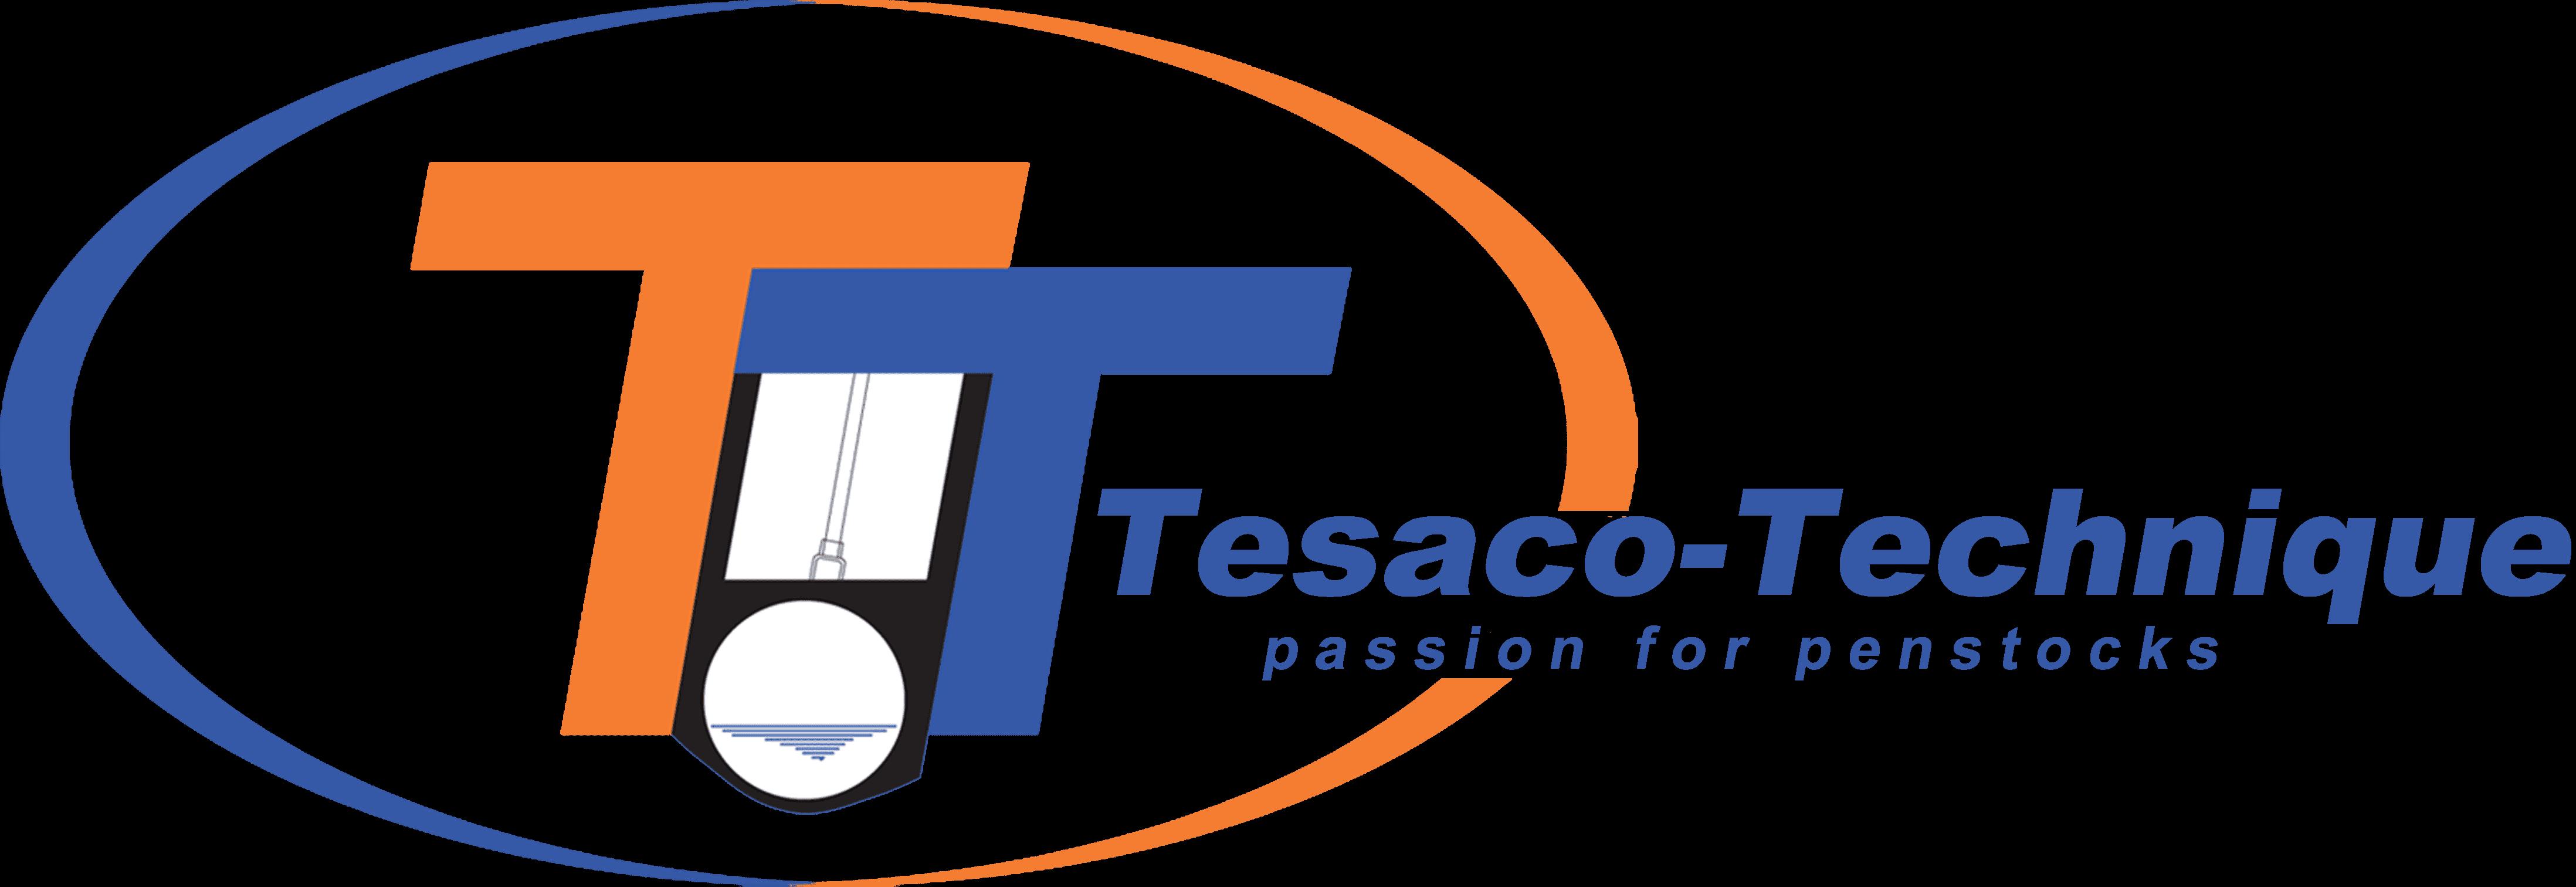 Matériaux de traitement des eaux de marque TESACO Technique en vente chez Glaesener-Betz